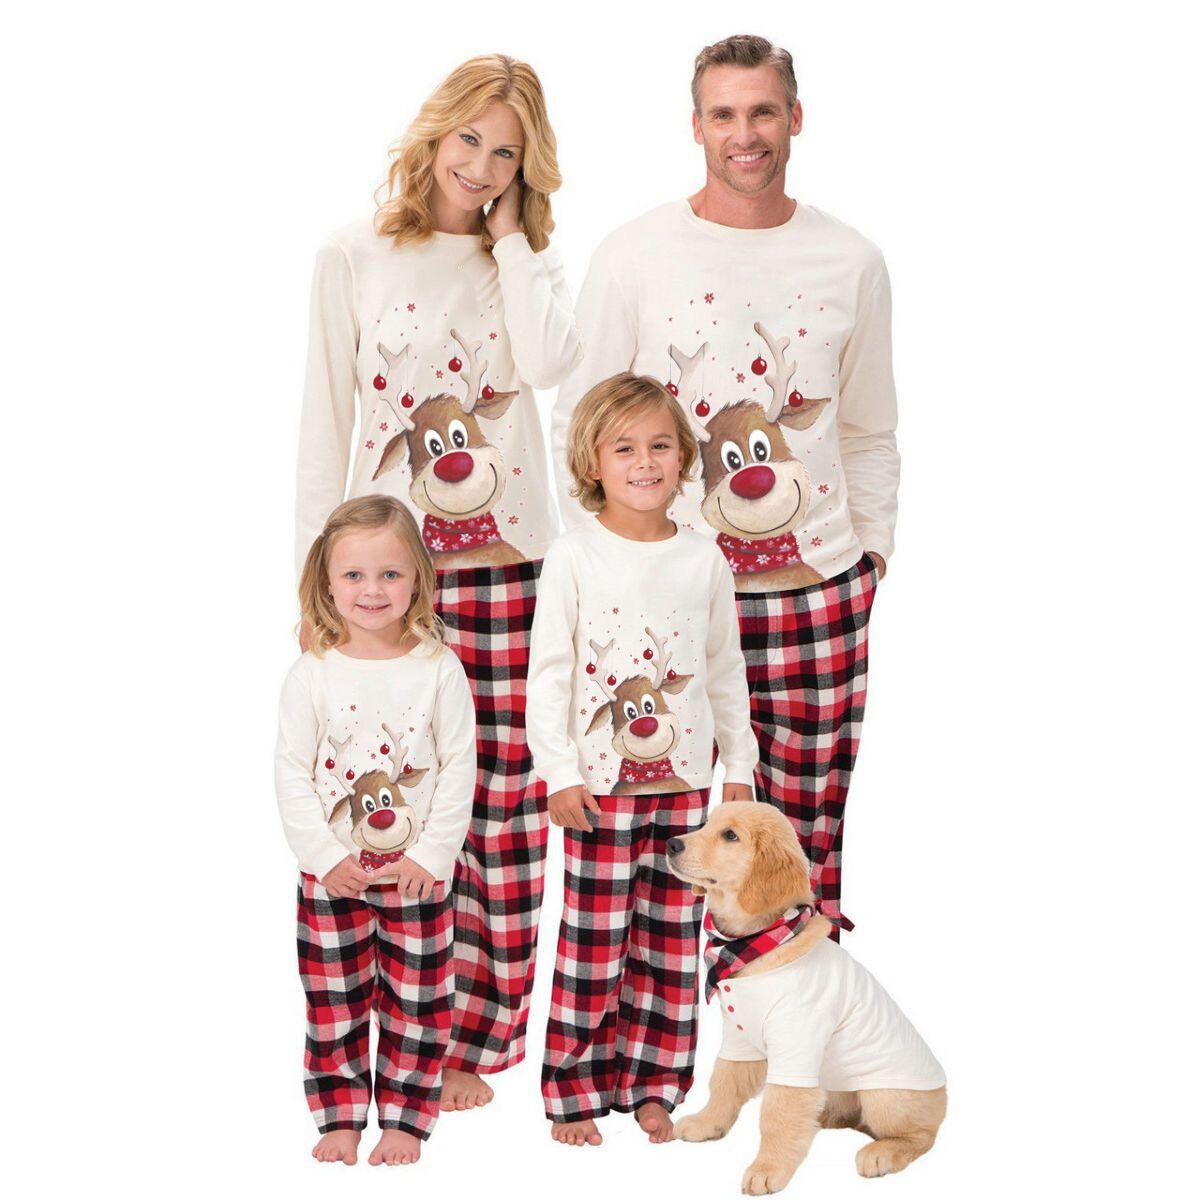 M-3XL 6M-9Y 2018 familia pijamas de Navidad ciervos de Navidad estampados adultos mujeres niños familia ropa a juego pijamas de Navidad conjunto familiar Colgantes de plata de ley 925 de alta calidad con dijes para árbol de la vida que se ajustan al collar Original de la pulsera de Pandora para hacer joyas DIY